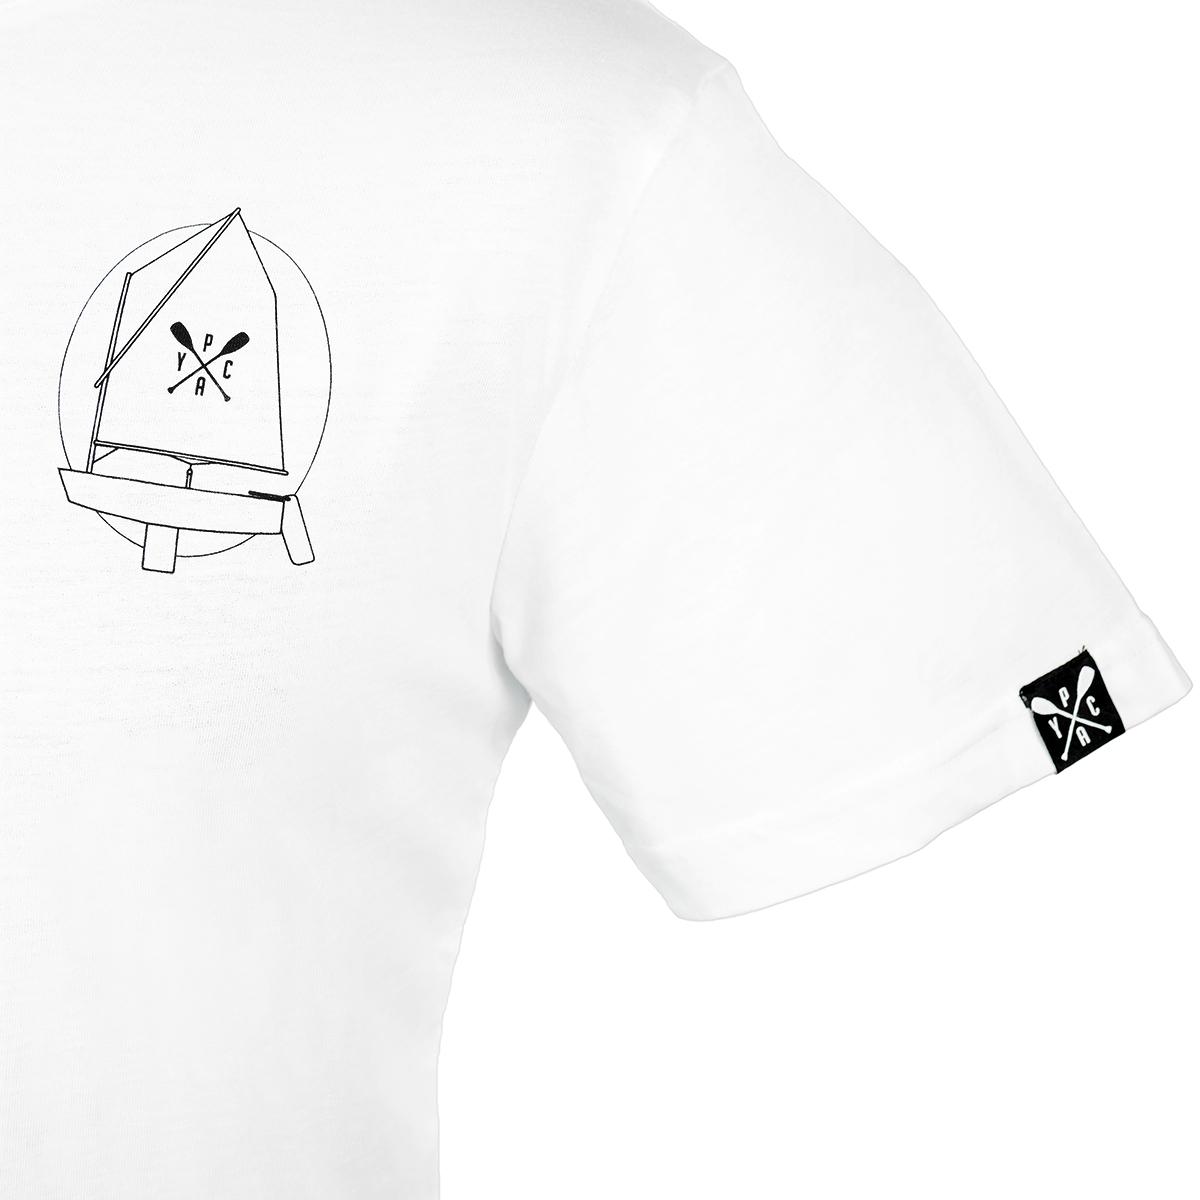 Tuotekuva: Persauki Yacht Club – Jolla t-paita